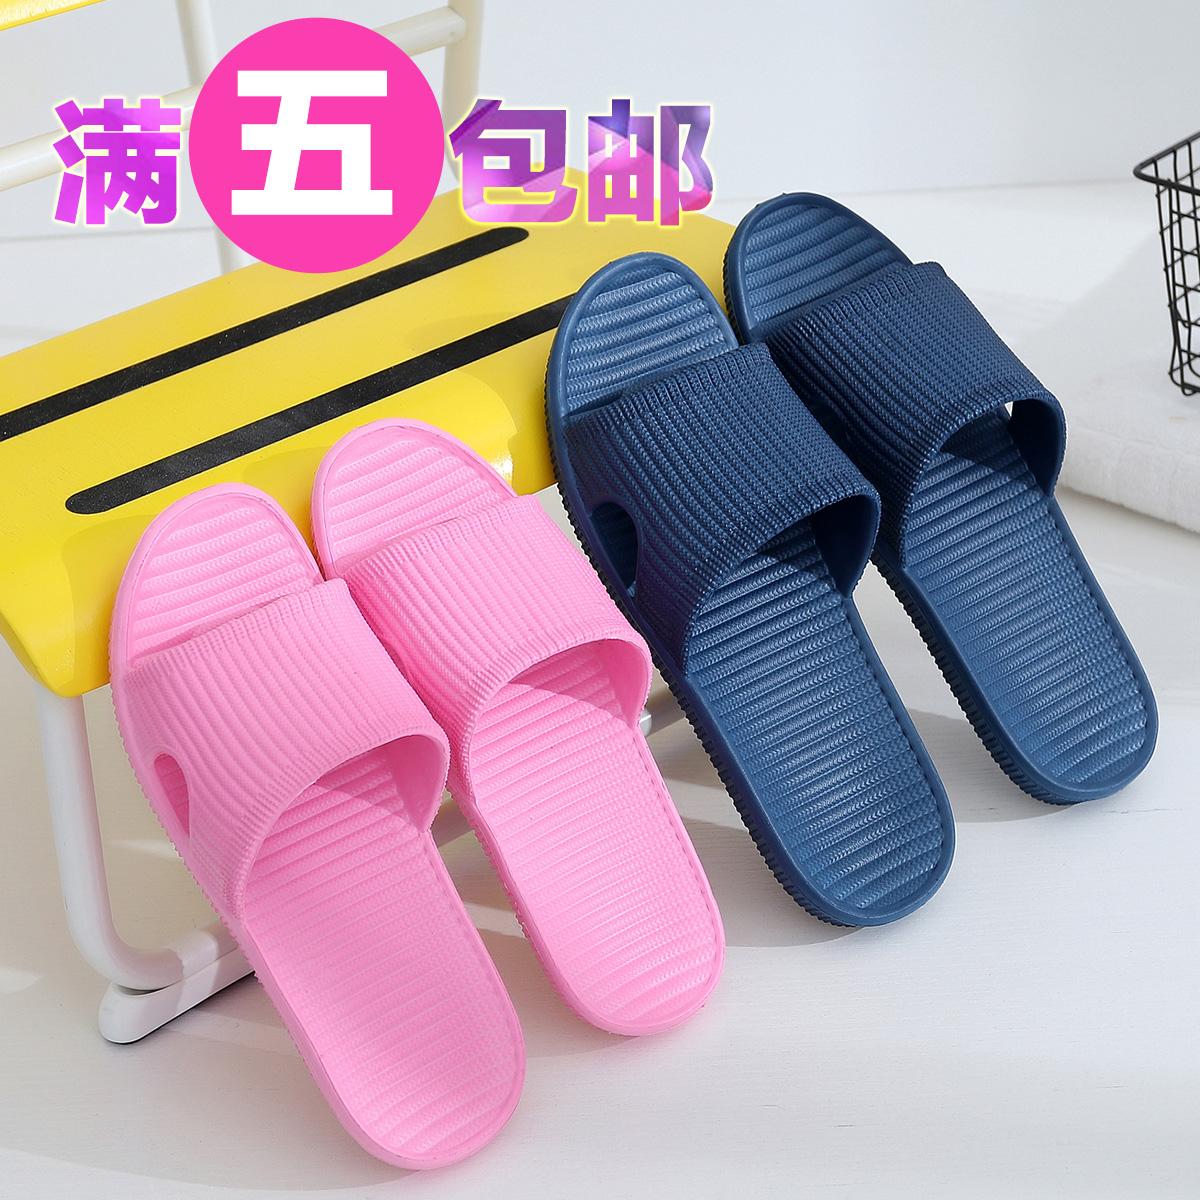 条纹拖鞋女eva情侣防滑浴室托鞋男夏季家居家室内家用洗澡凉拖鞋